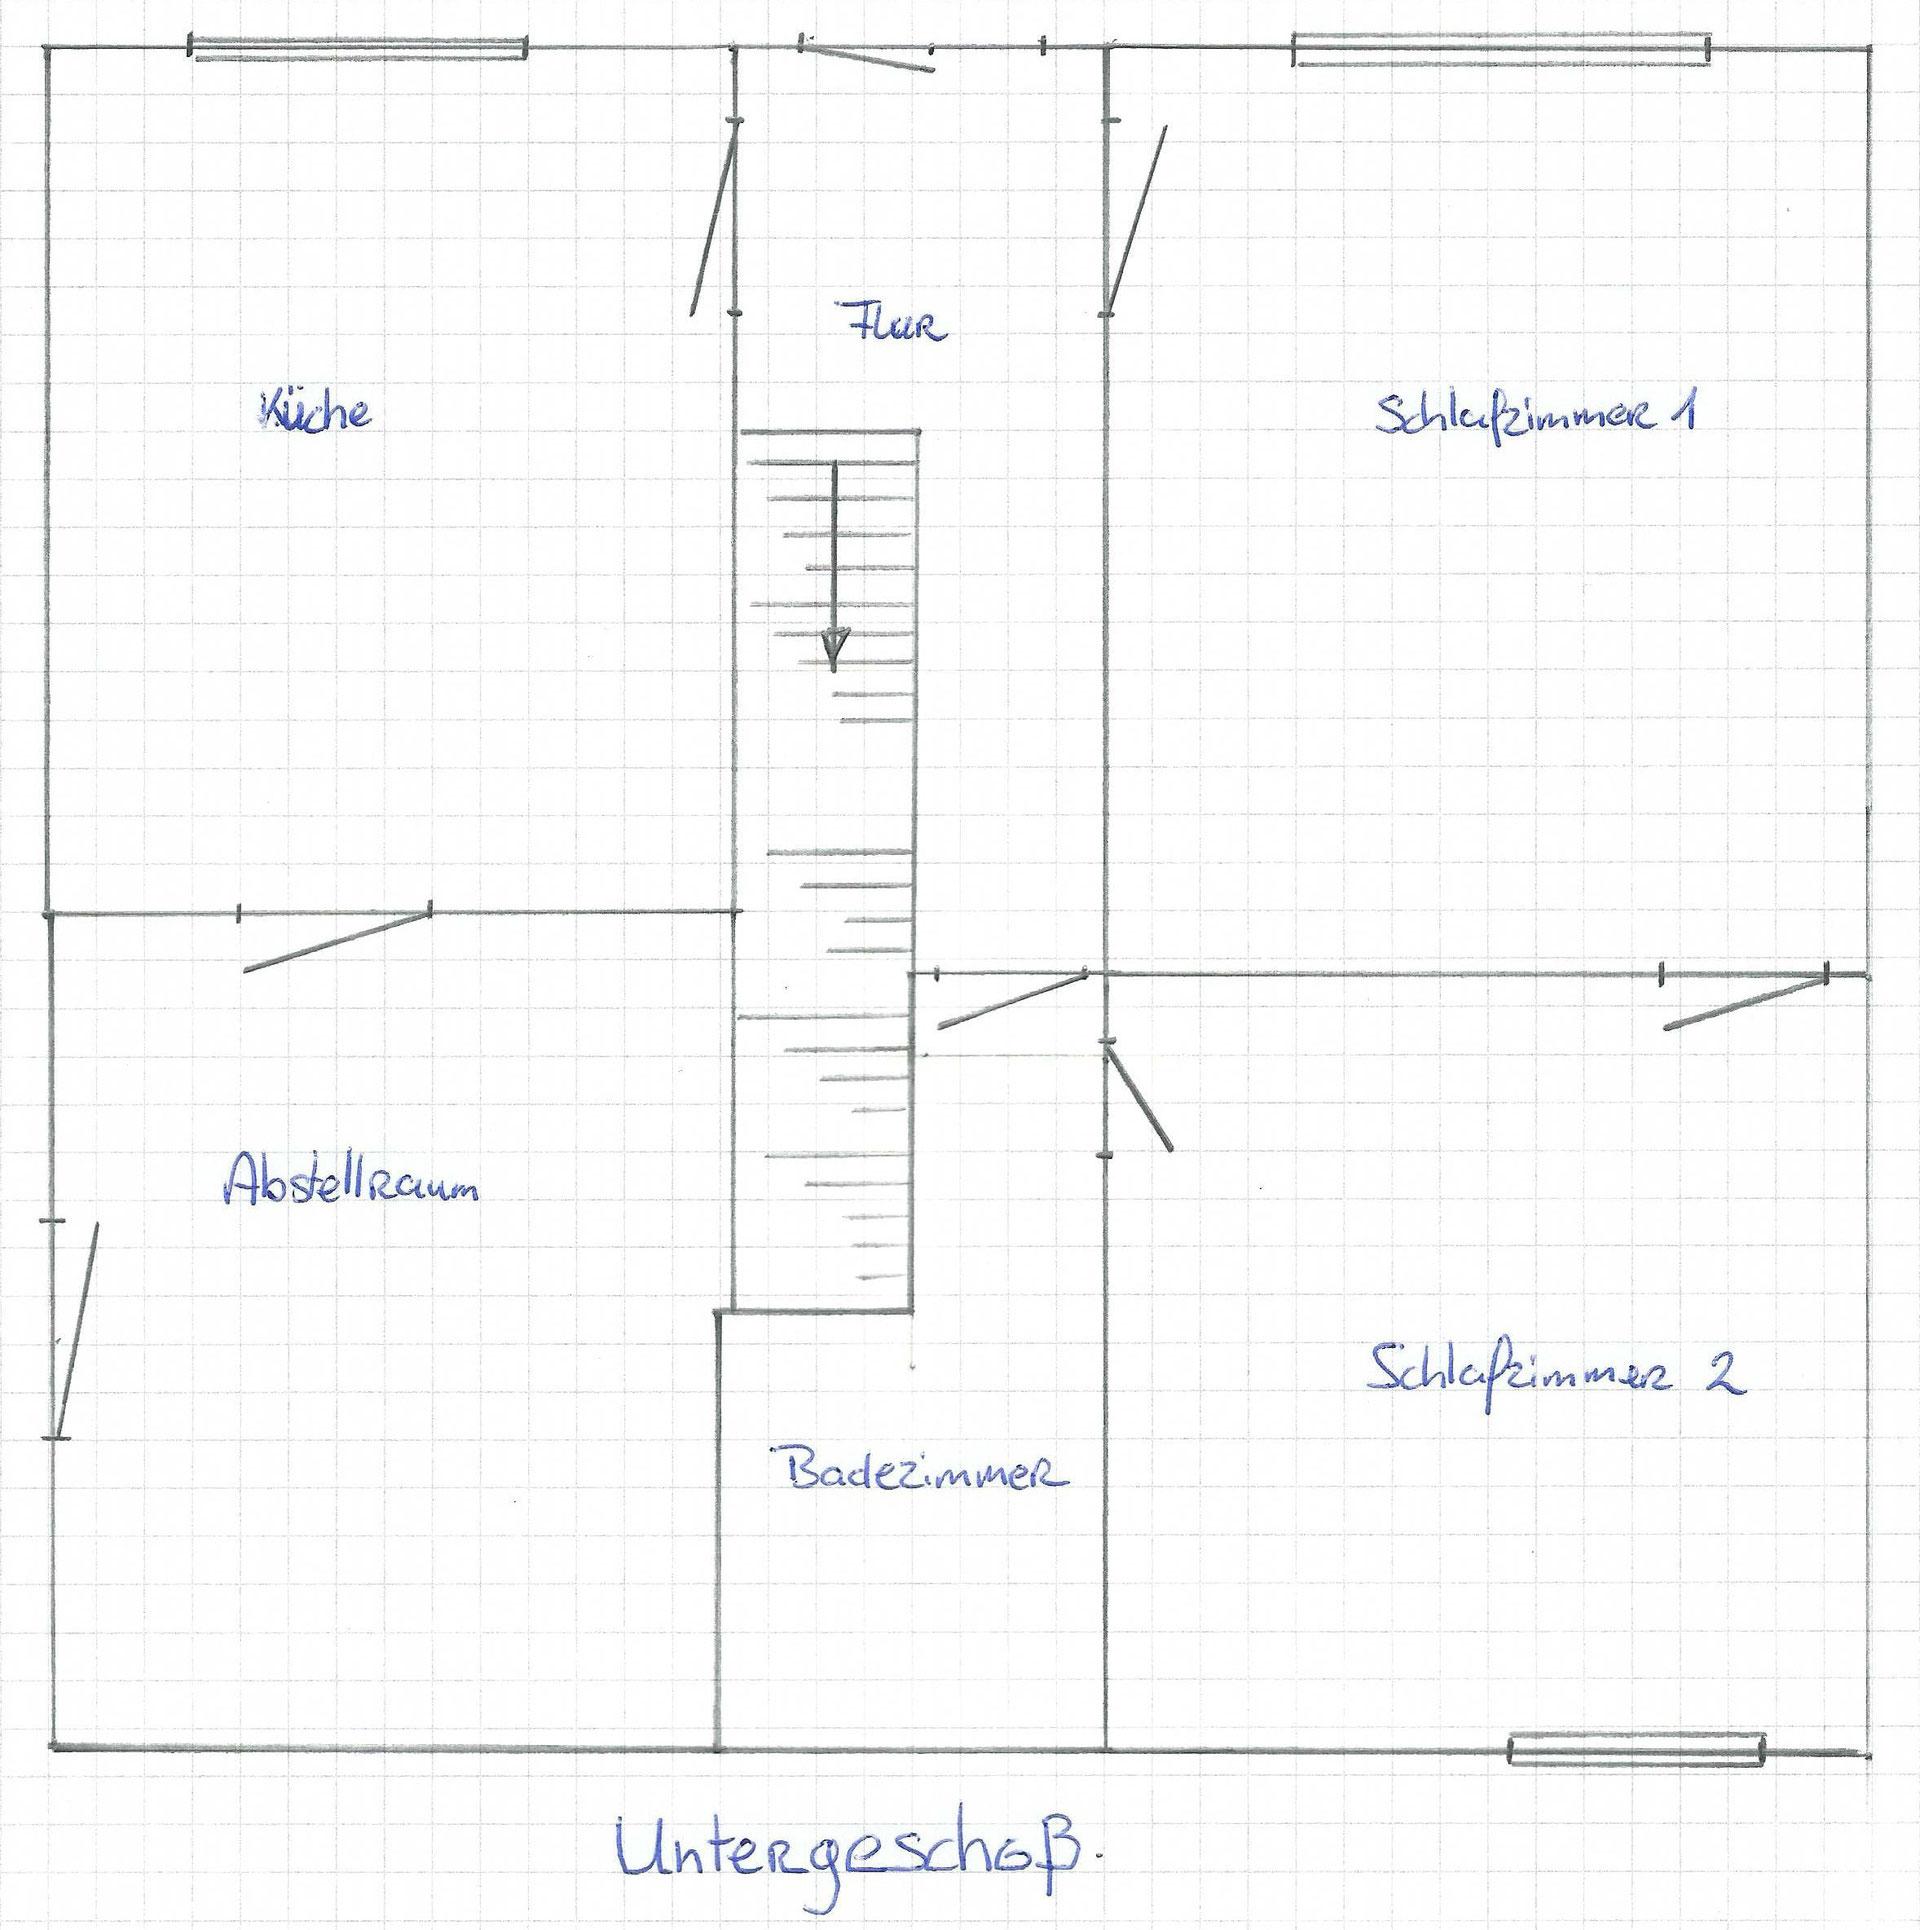 Ausstattung: Ferienhaus-deurloos Webseite